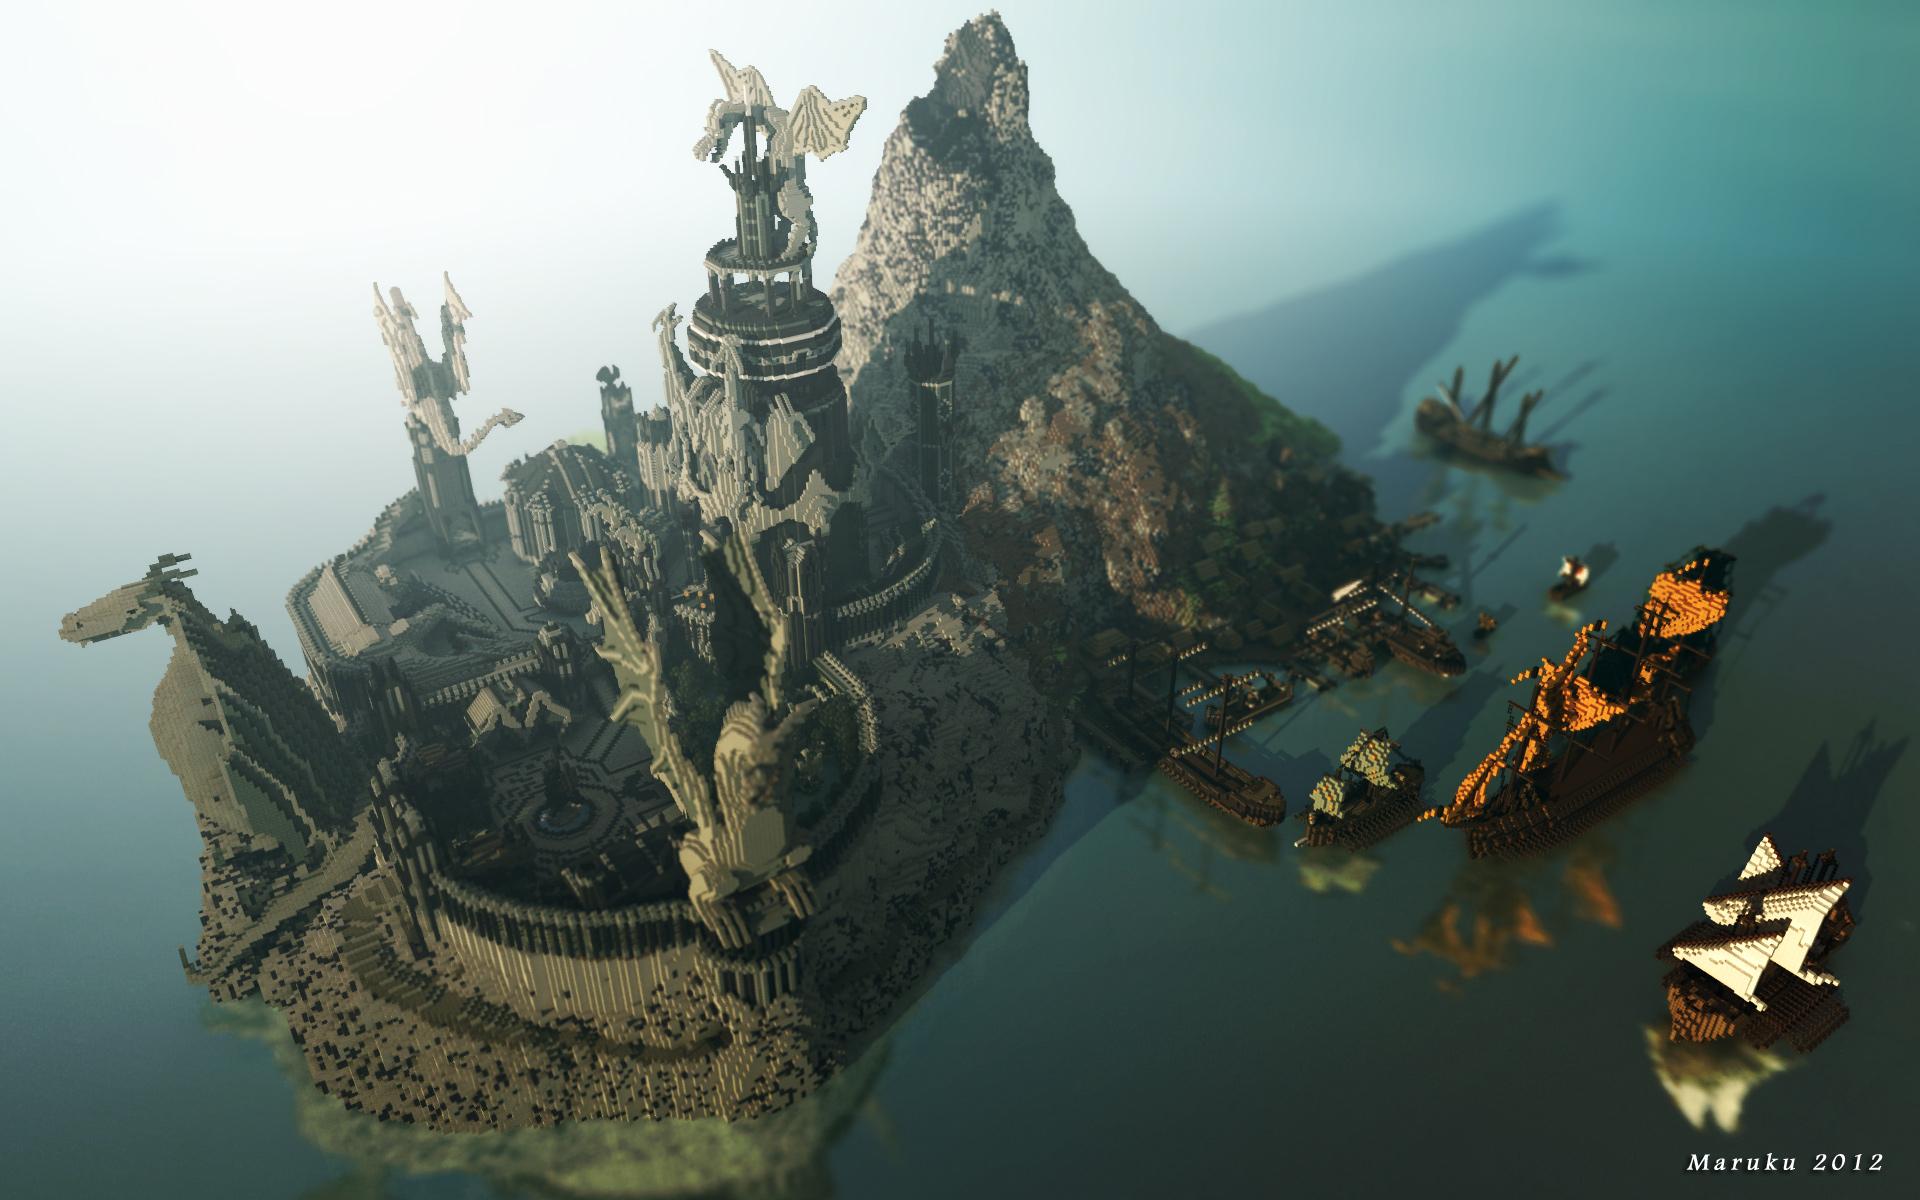 dragonstone [1.2.5] Westeros